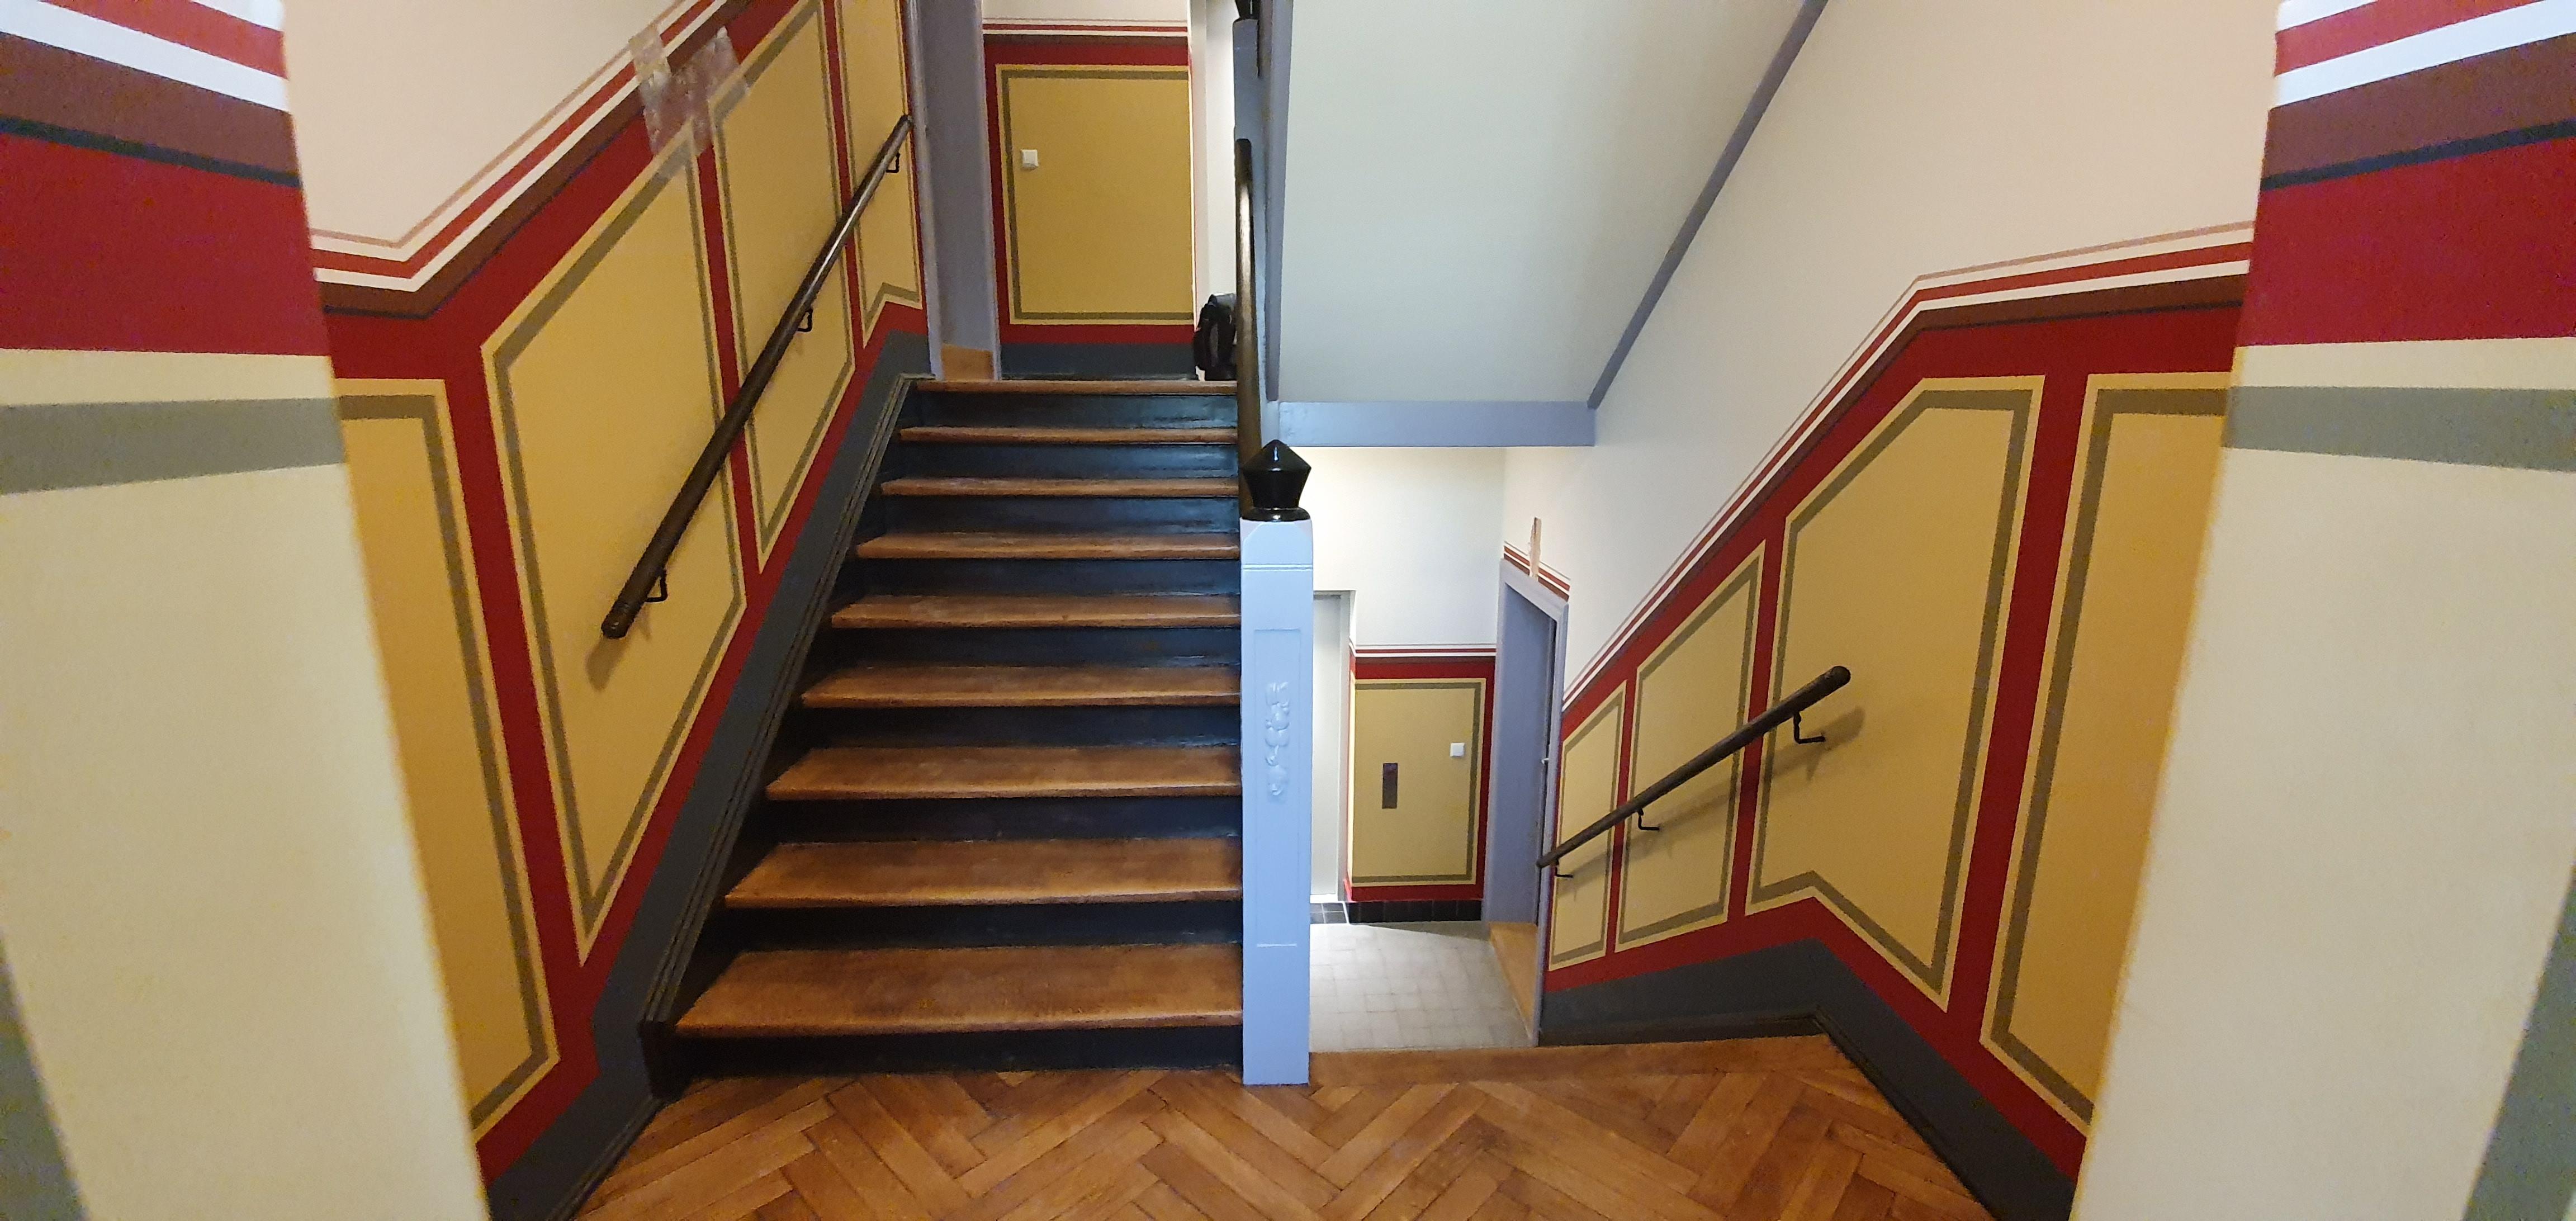 das Treppenhaus des sanierten Mehrfamilienhauses erstrahlt in neuem Glanz